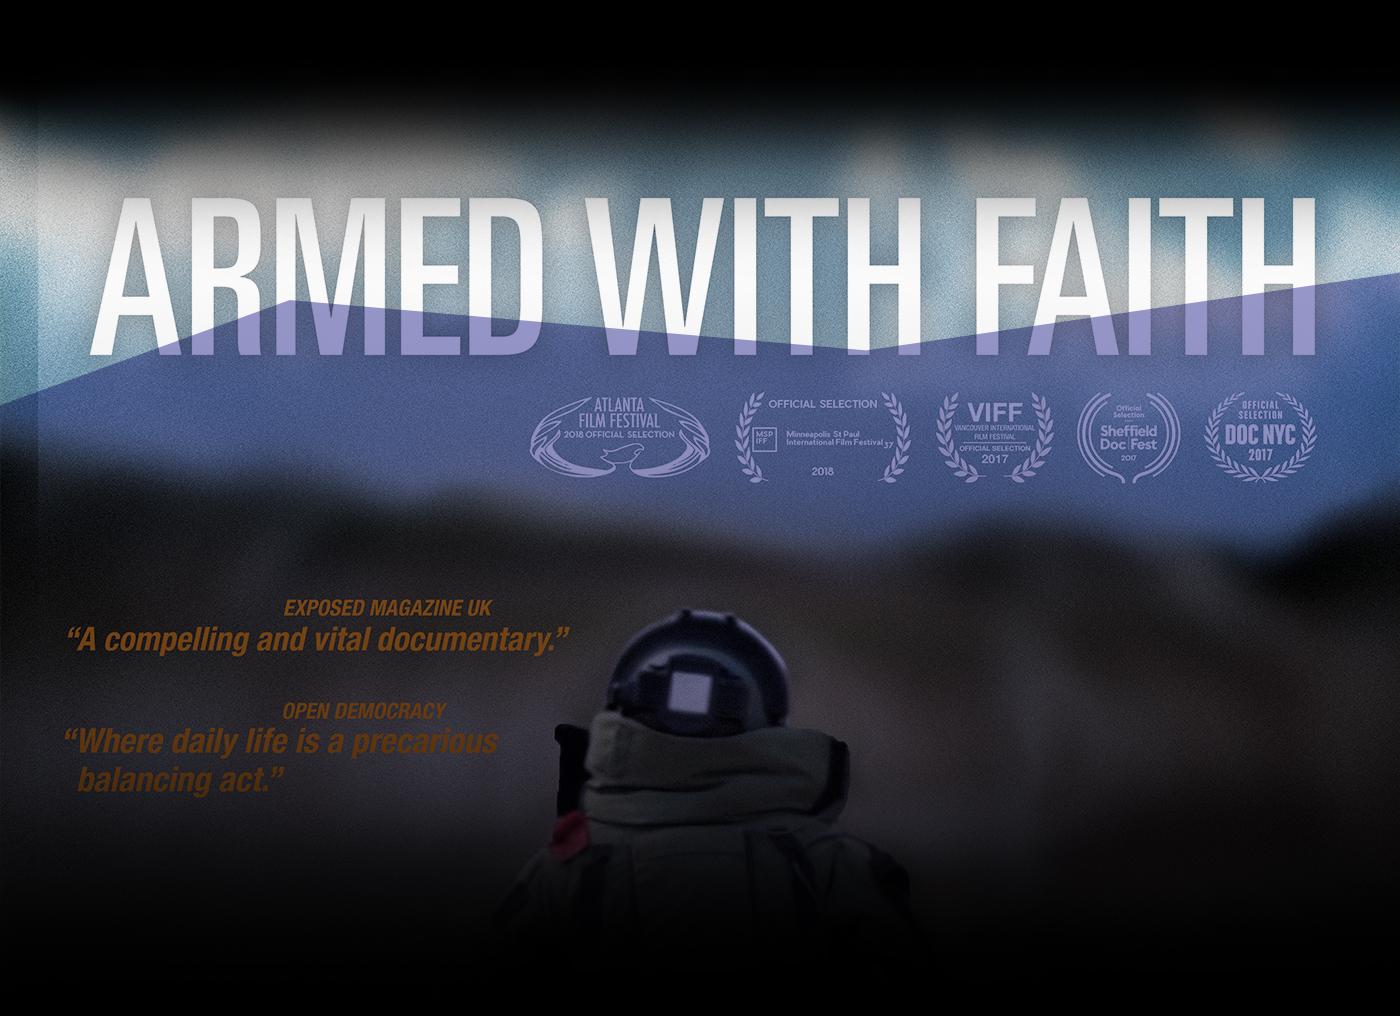 Armed with Faith Film